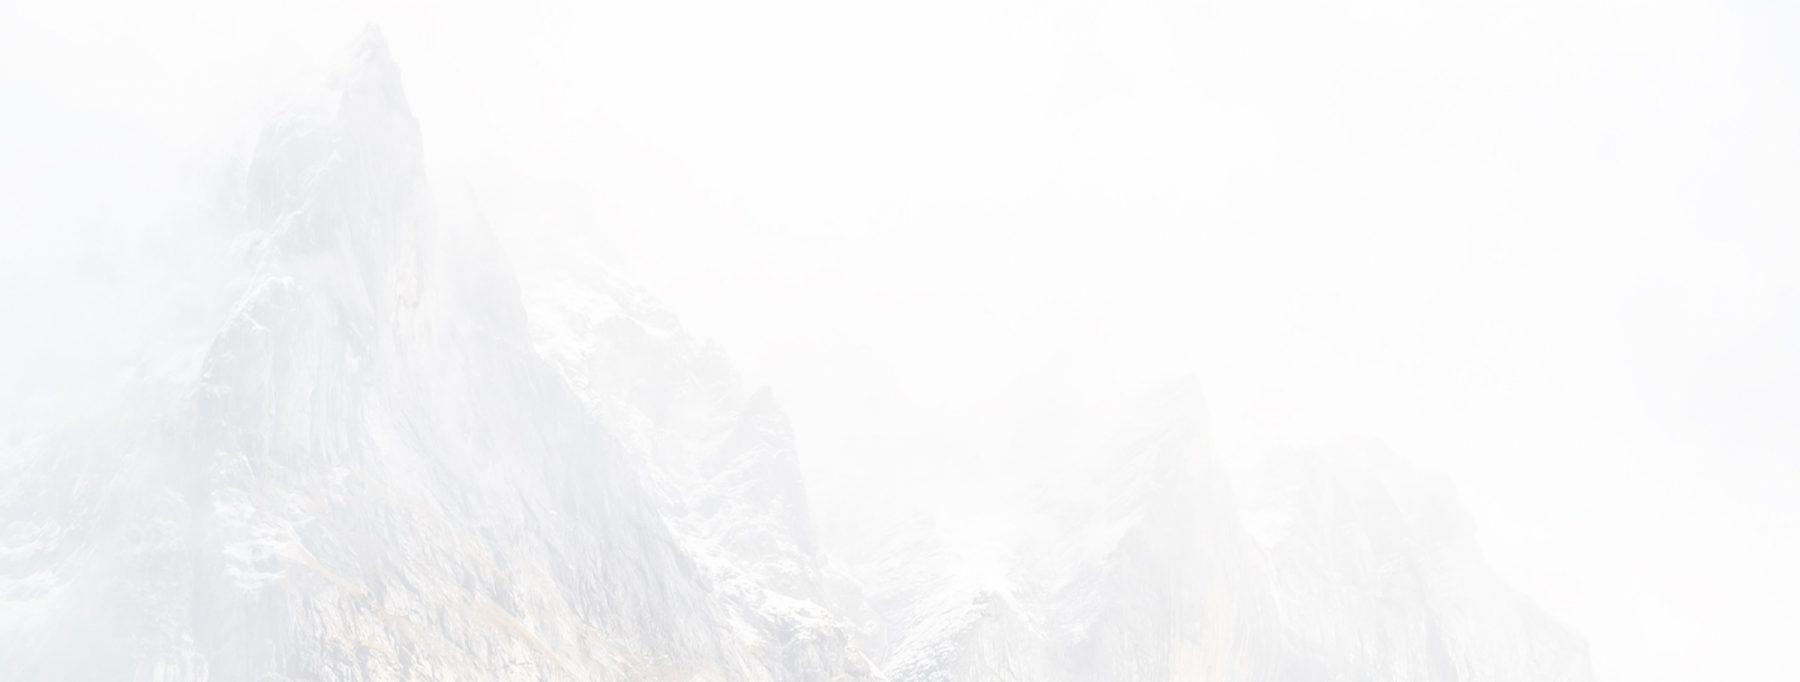 Intro mountains bg 2x